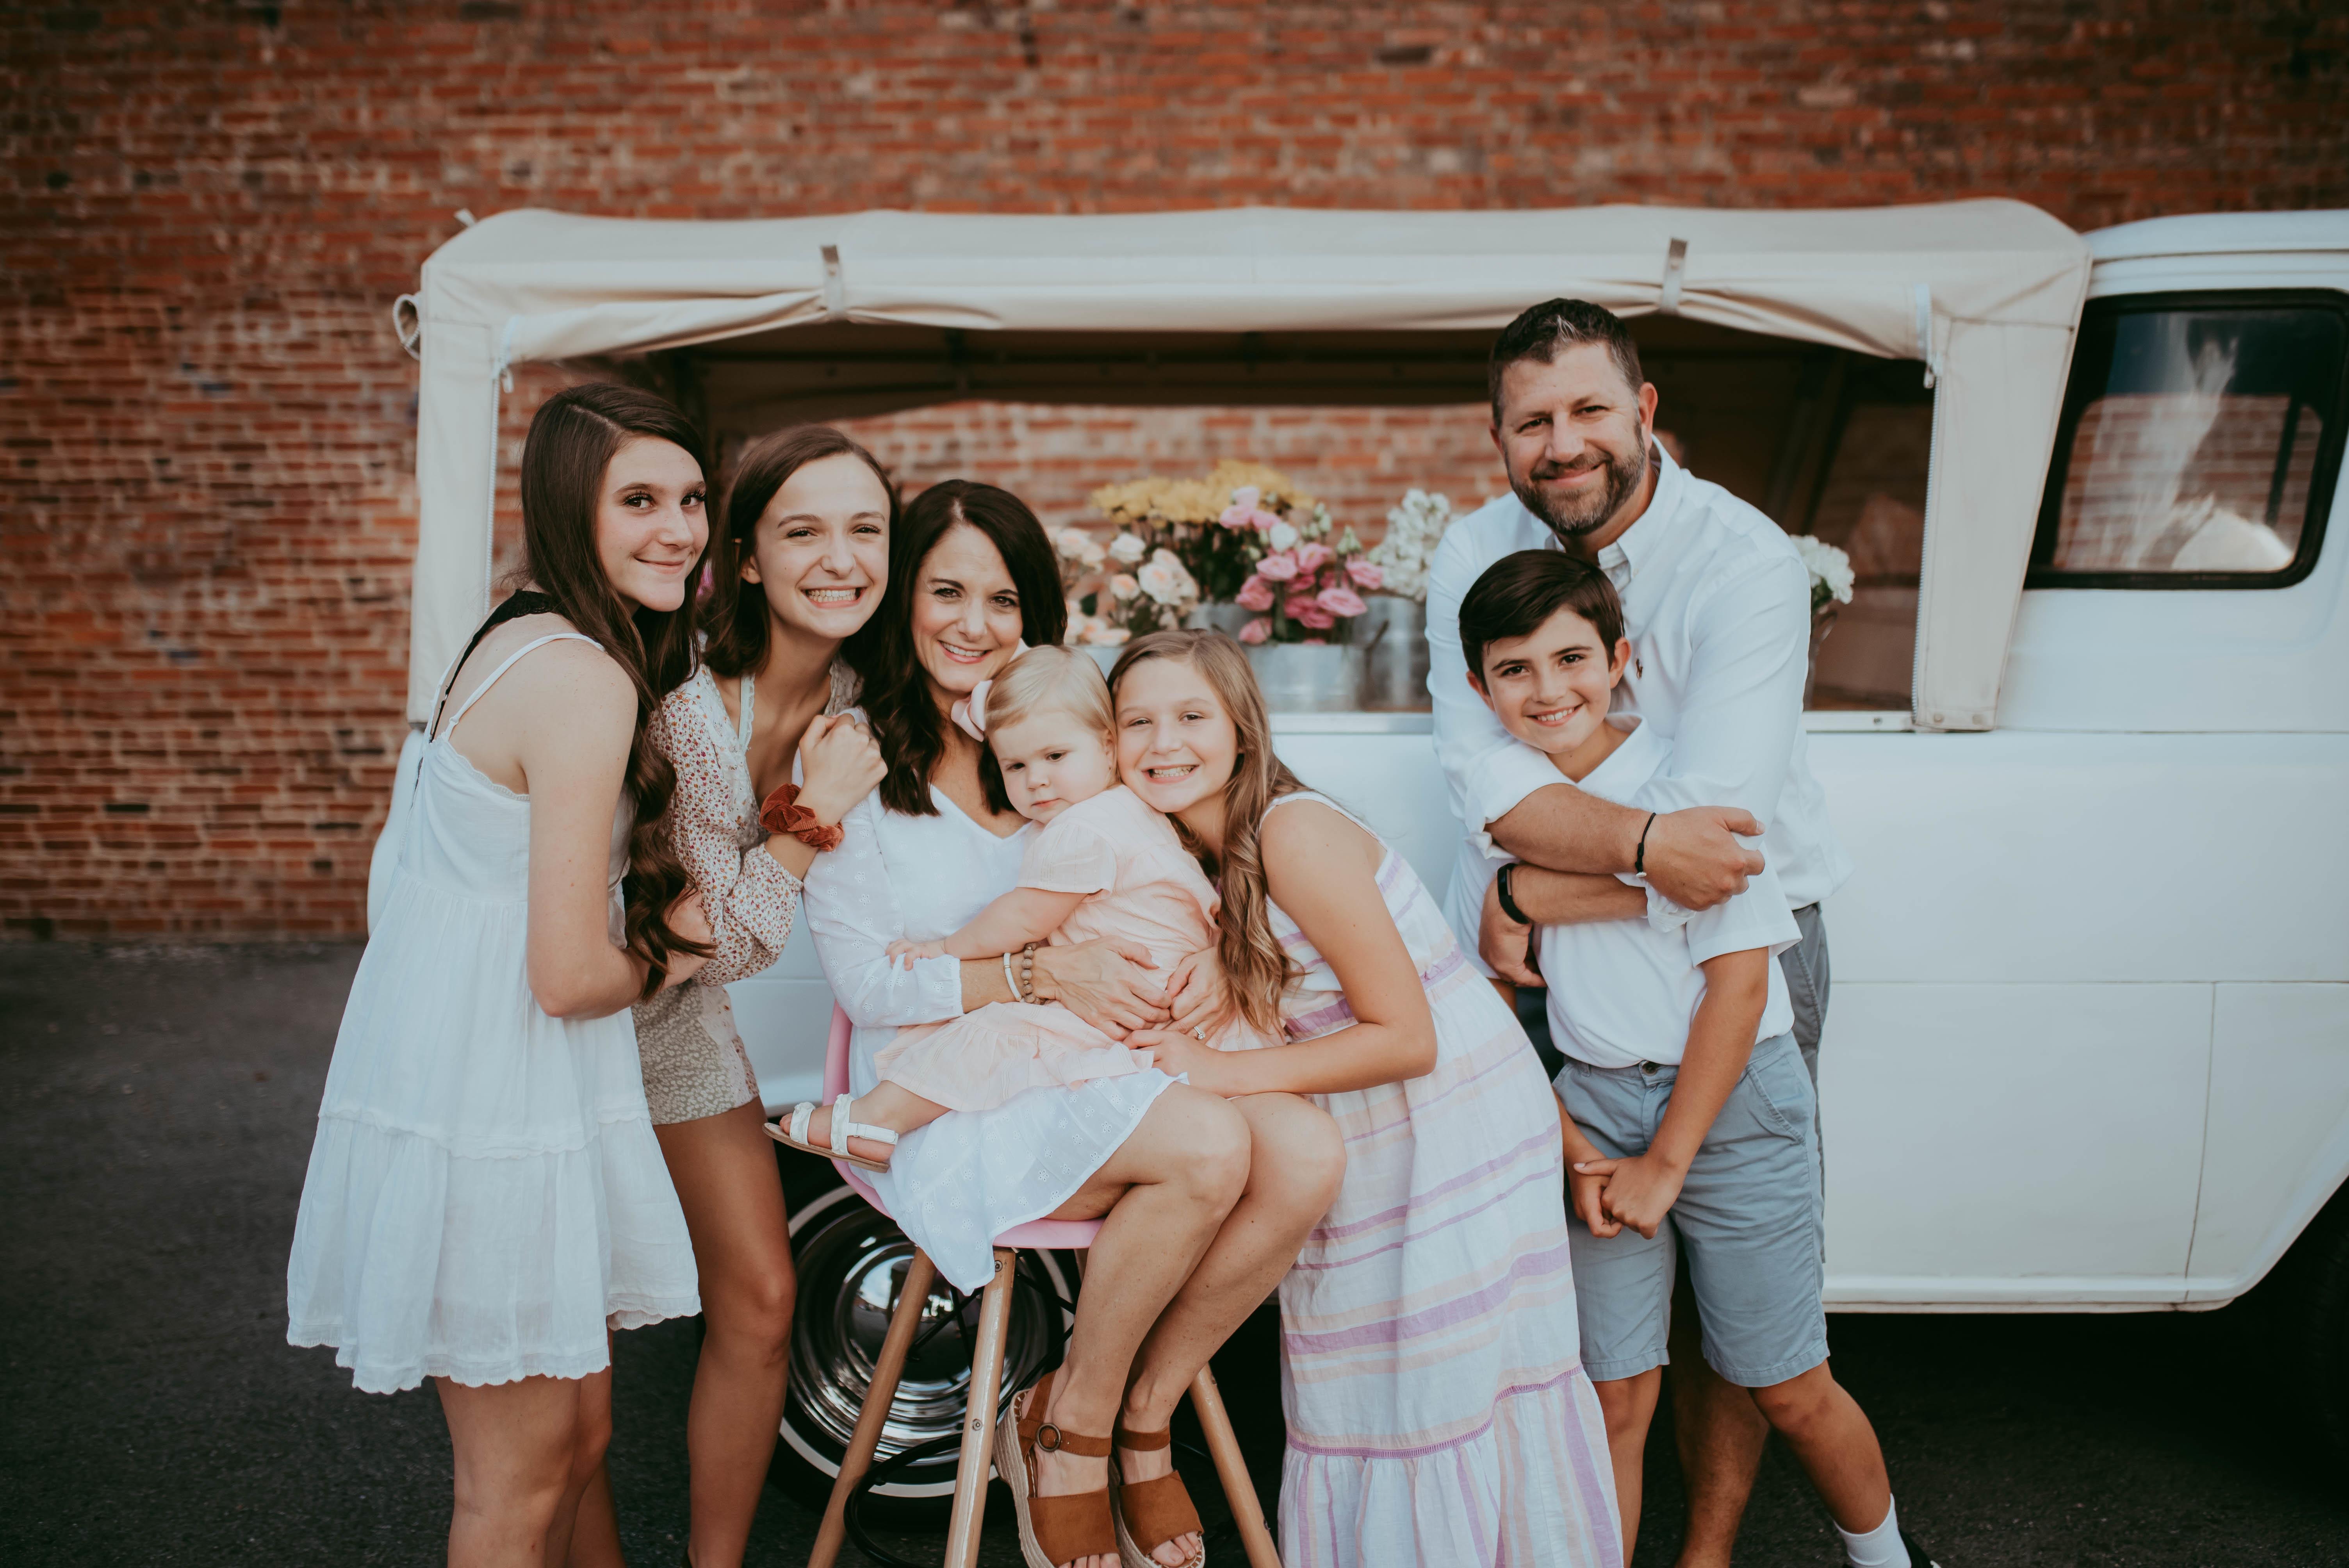 Bradford jones family picture